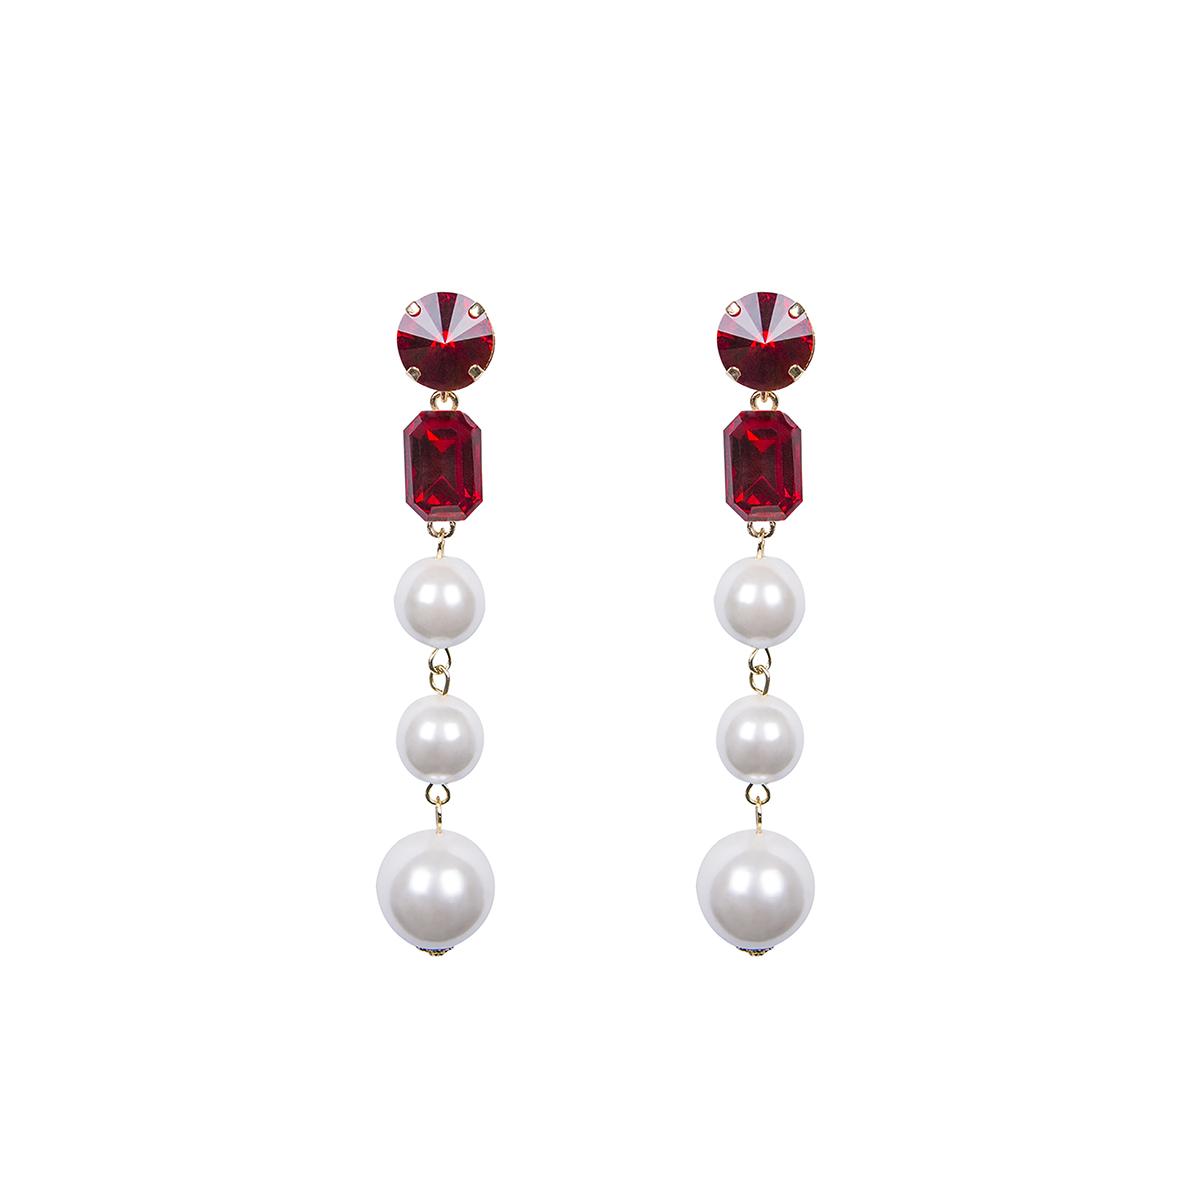 Teria Yabar - Pendientes de perlas y cristal rojo